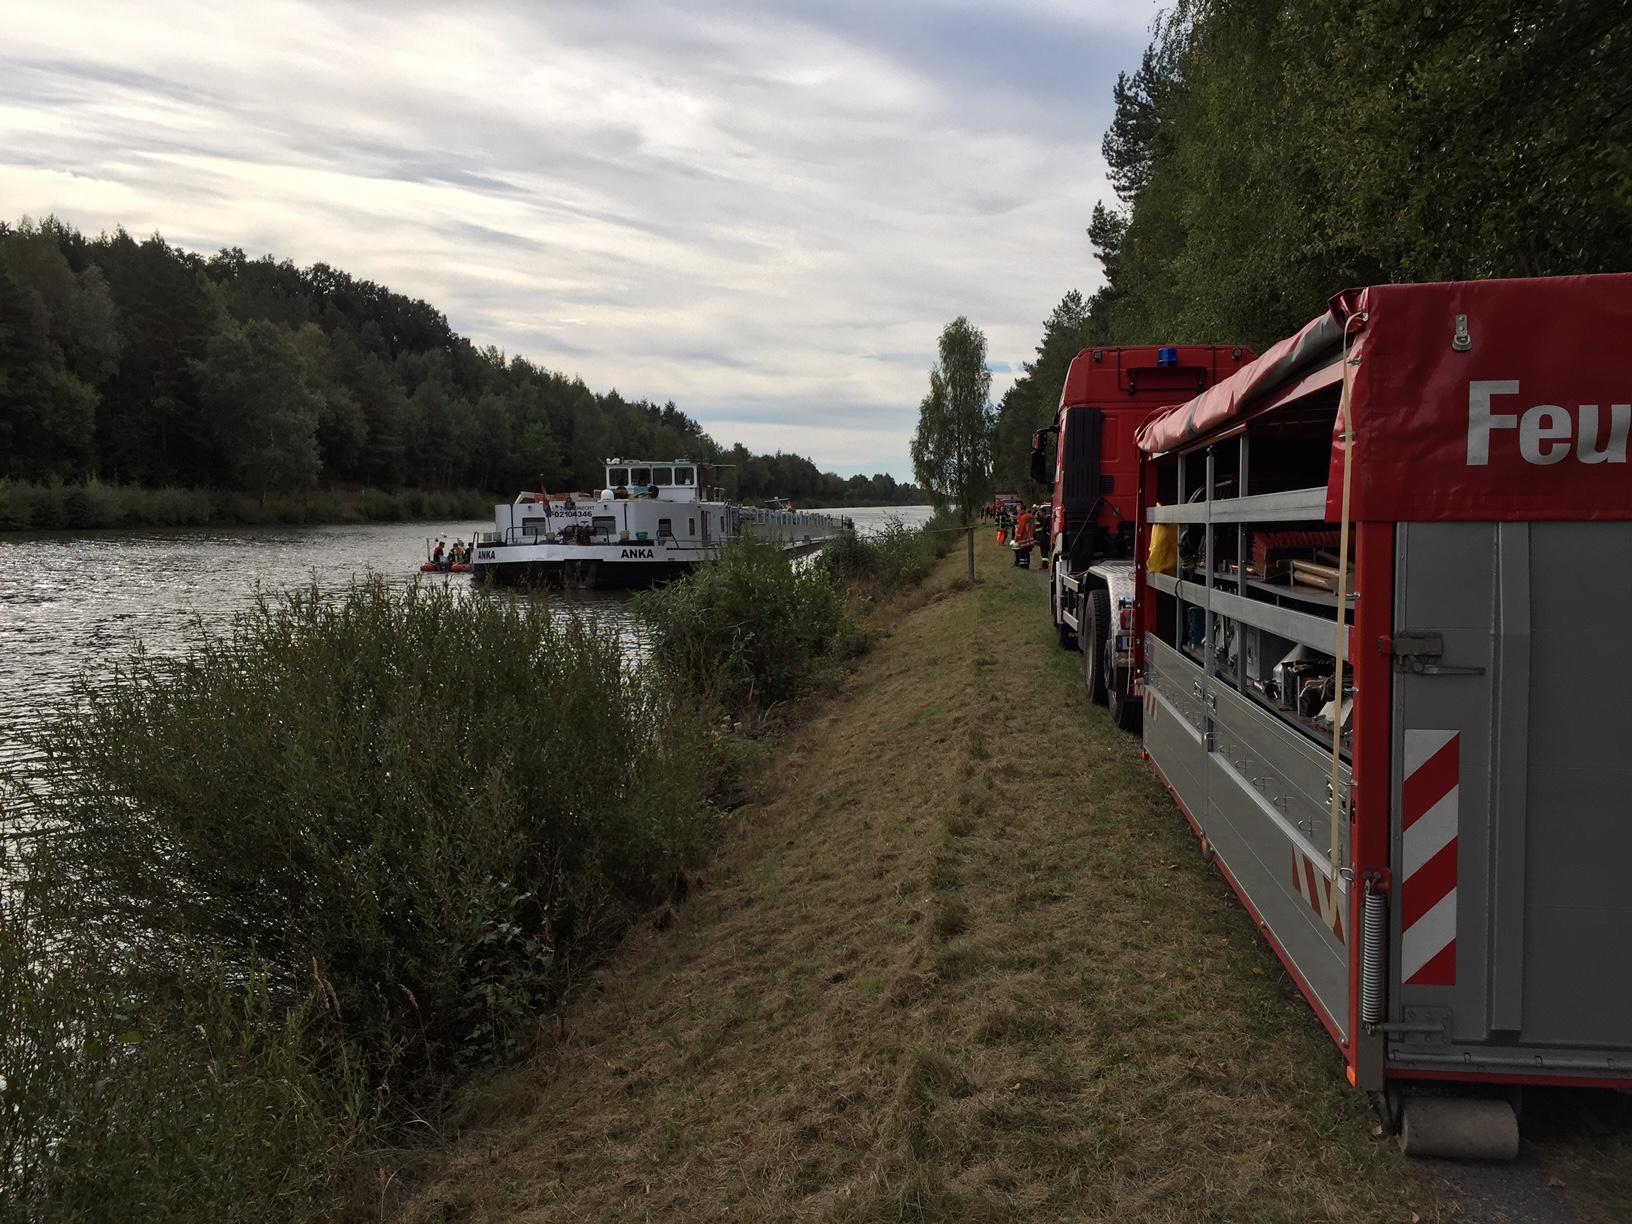 206. GefG 4 - Binnenschiff leckgeschlagen - Auslaufende Betriebsstoffe auf ESK